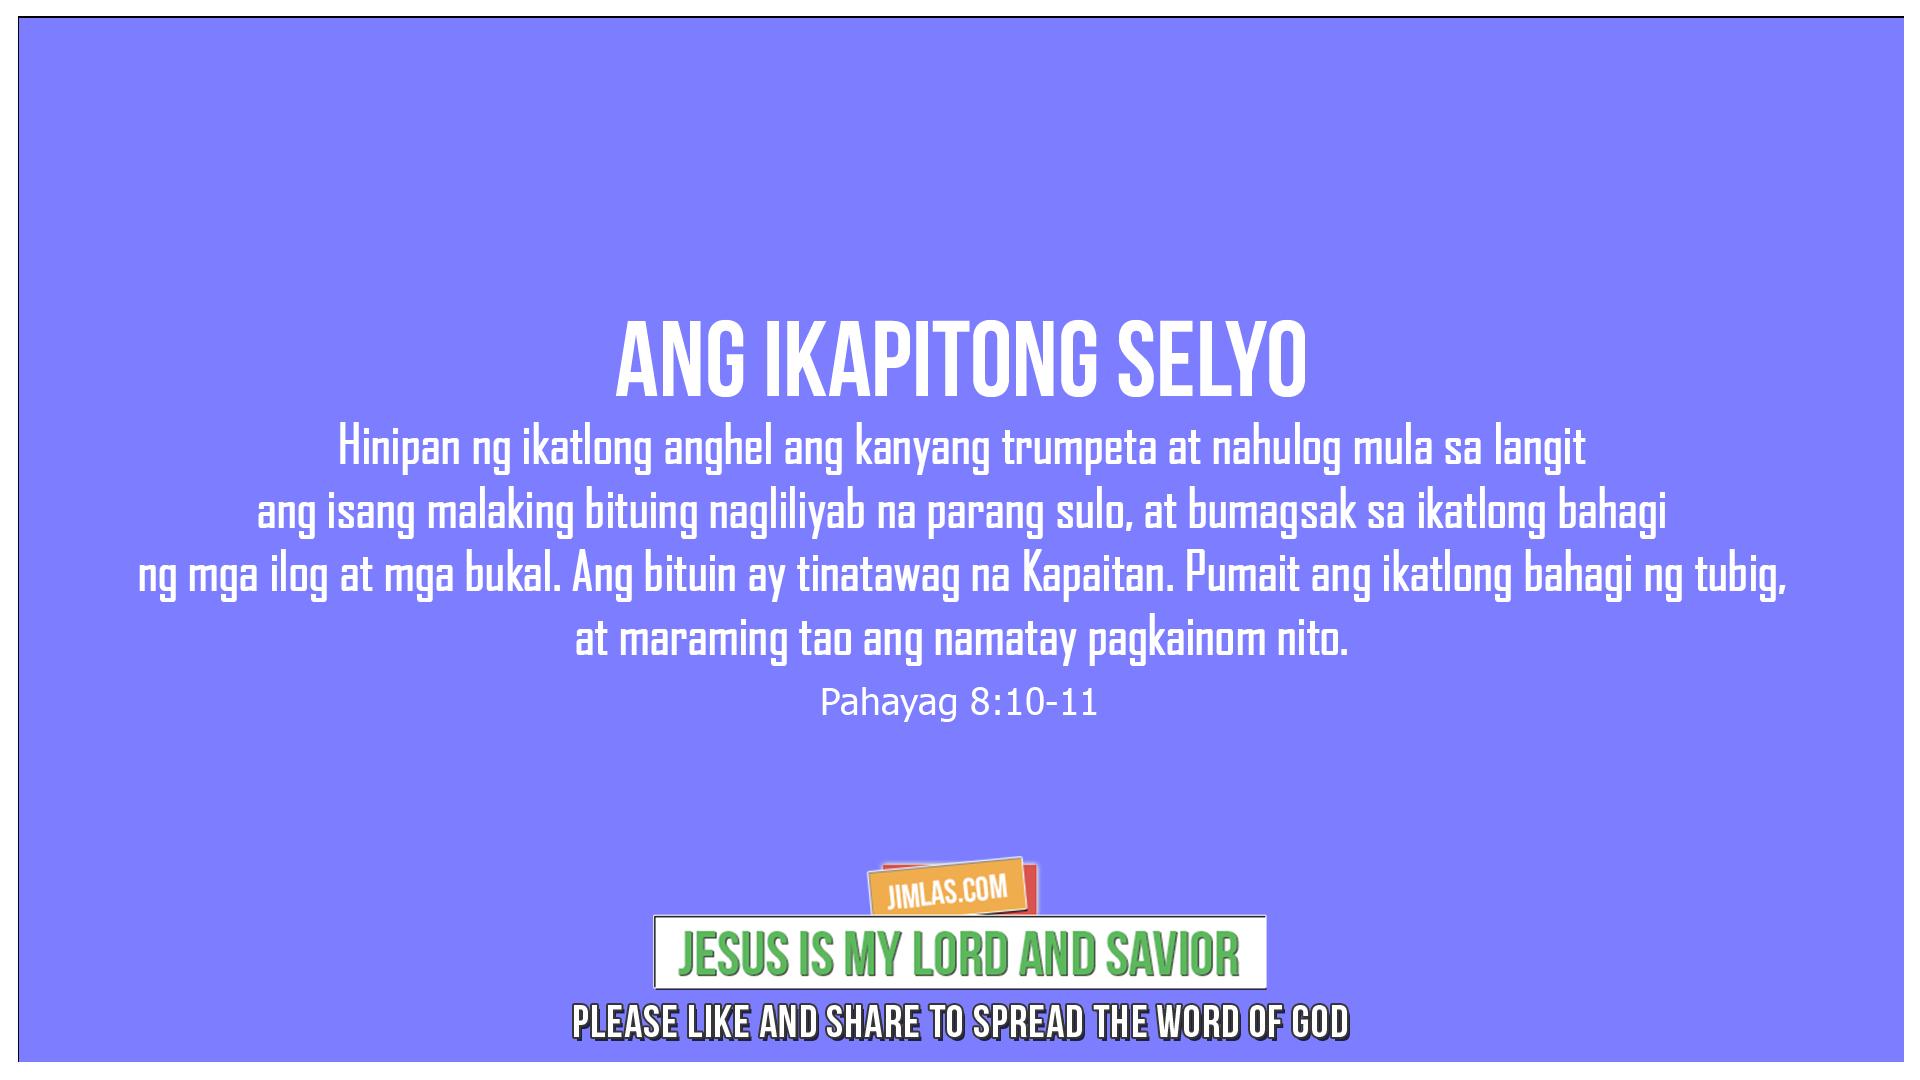 Pahayag 8:10-11, Pahayag 8:10-11